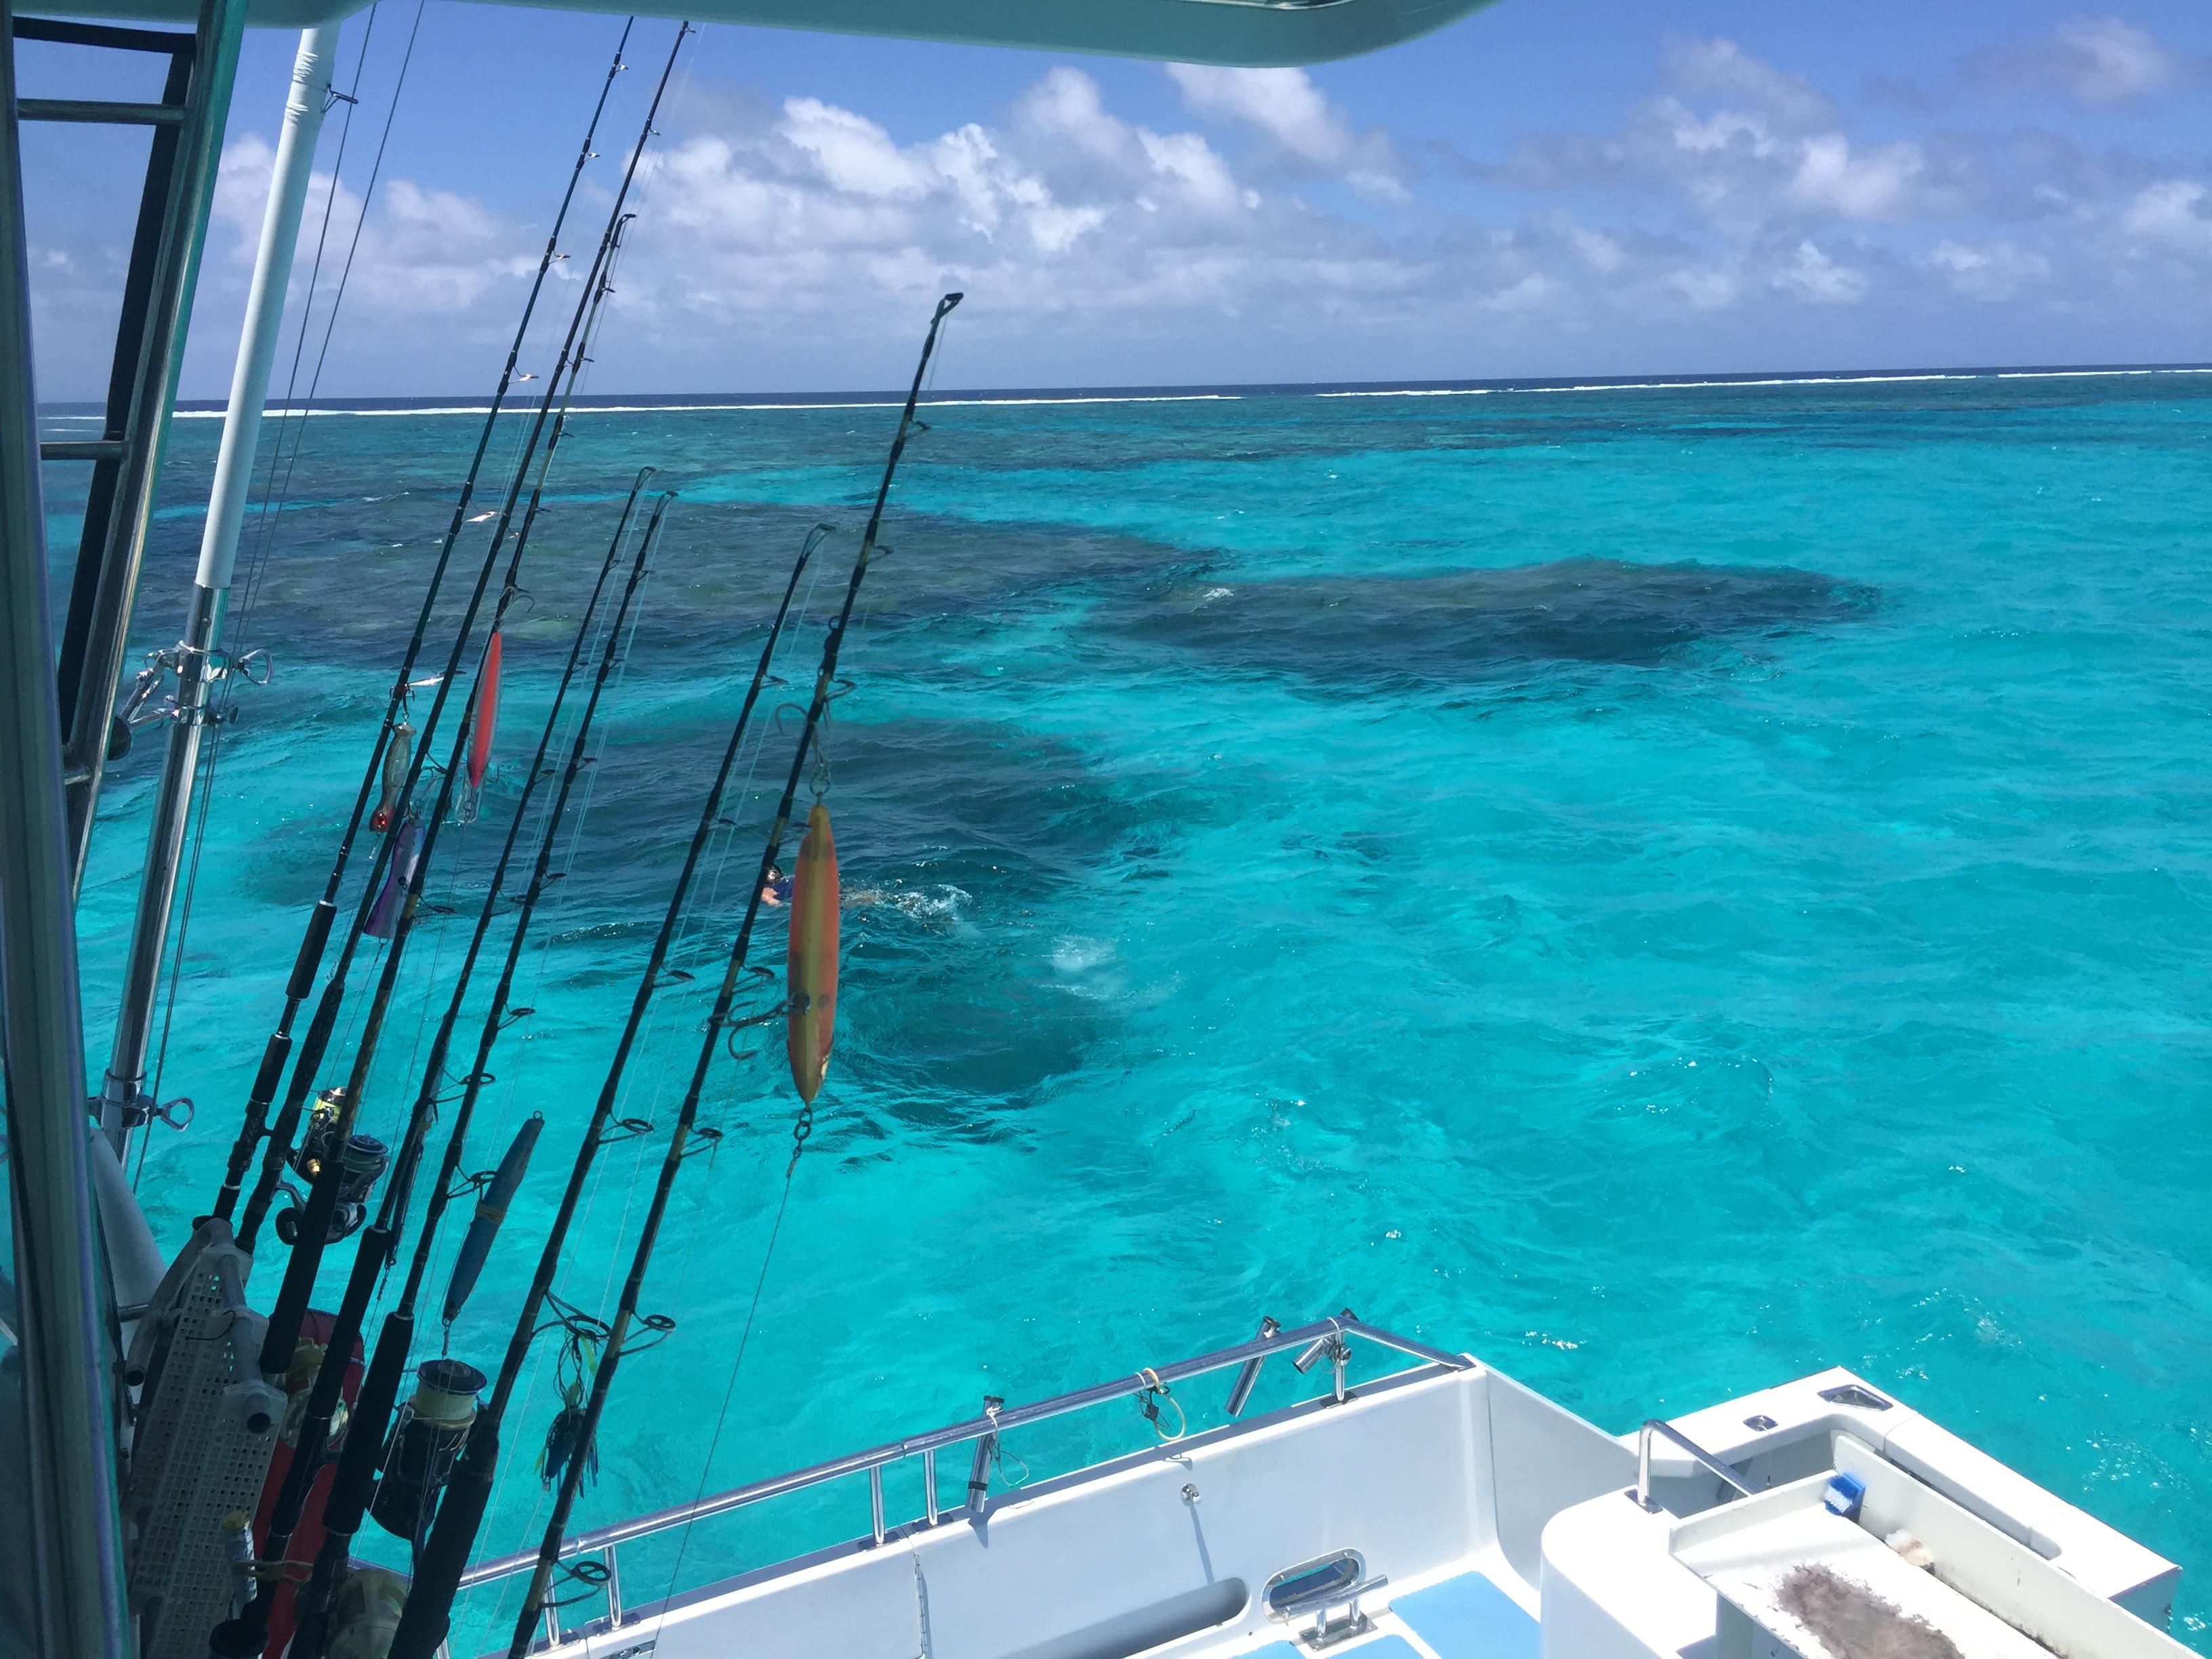 New Cal Reef